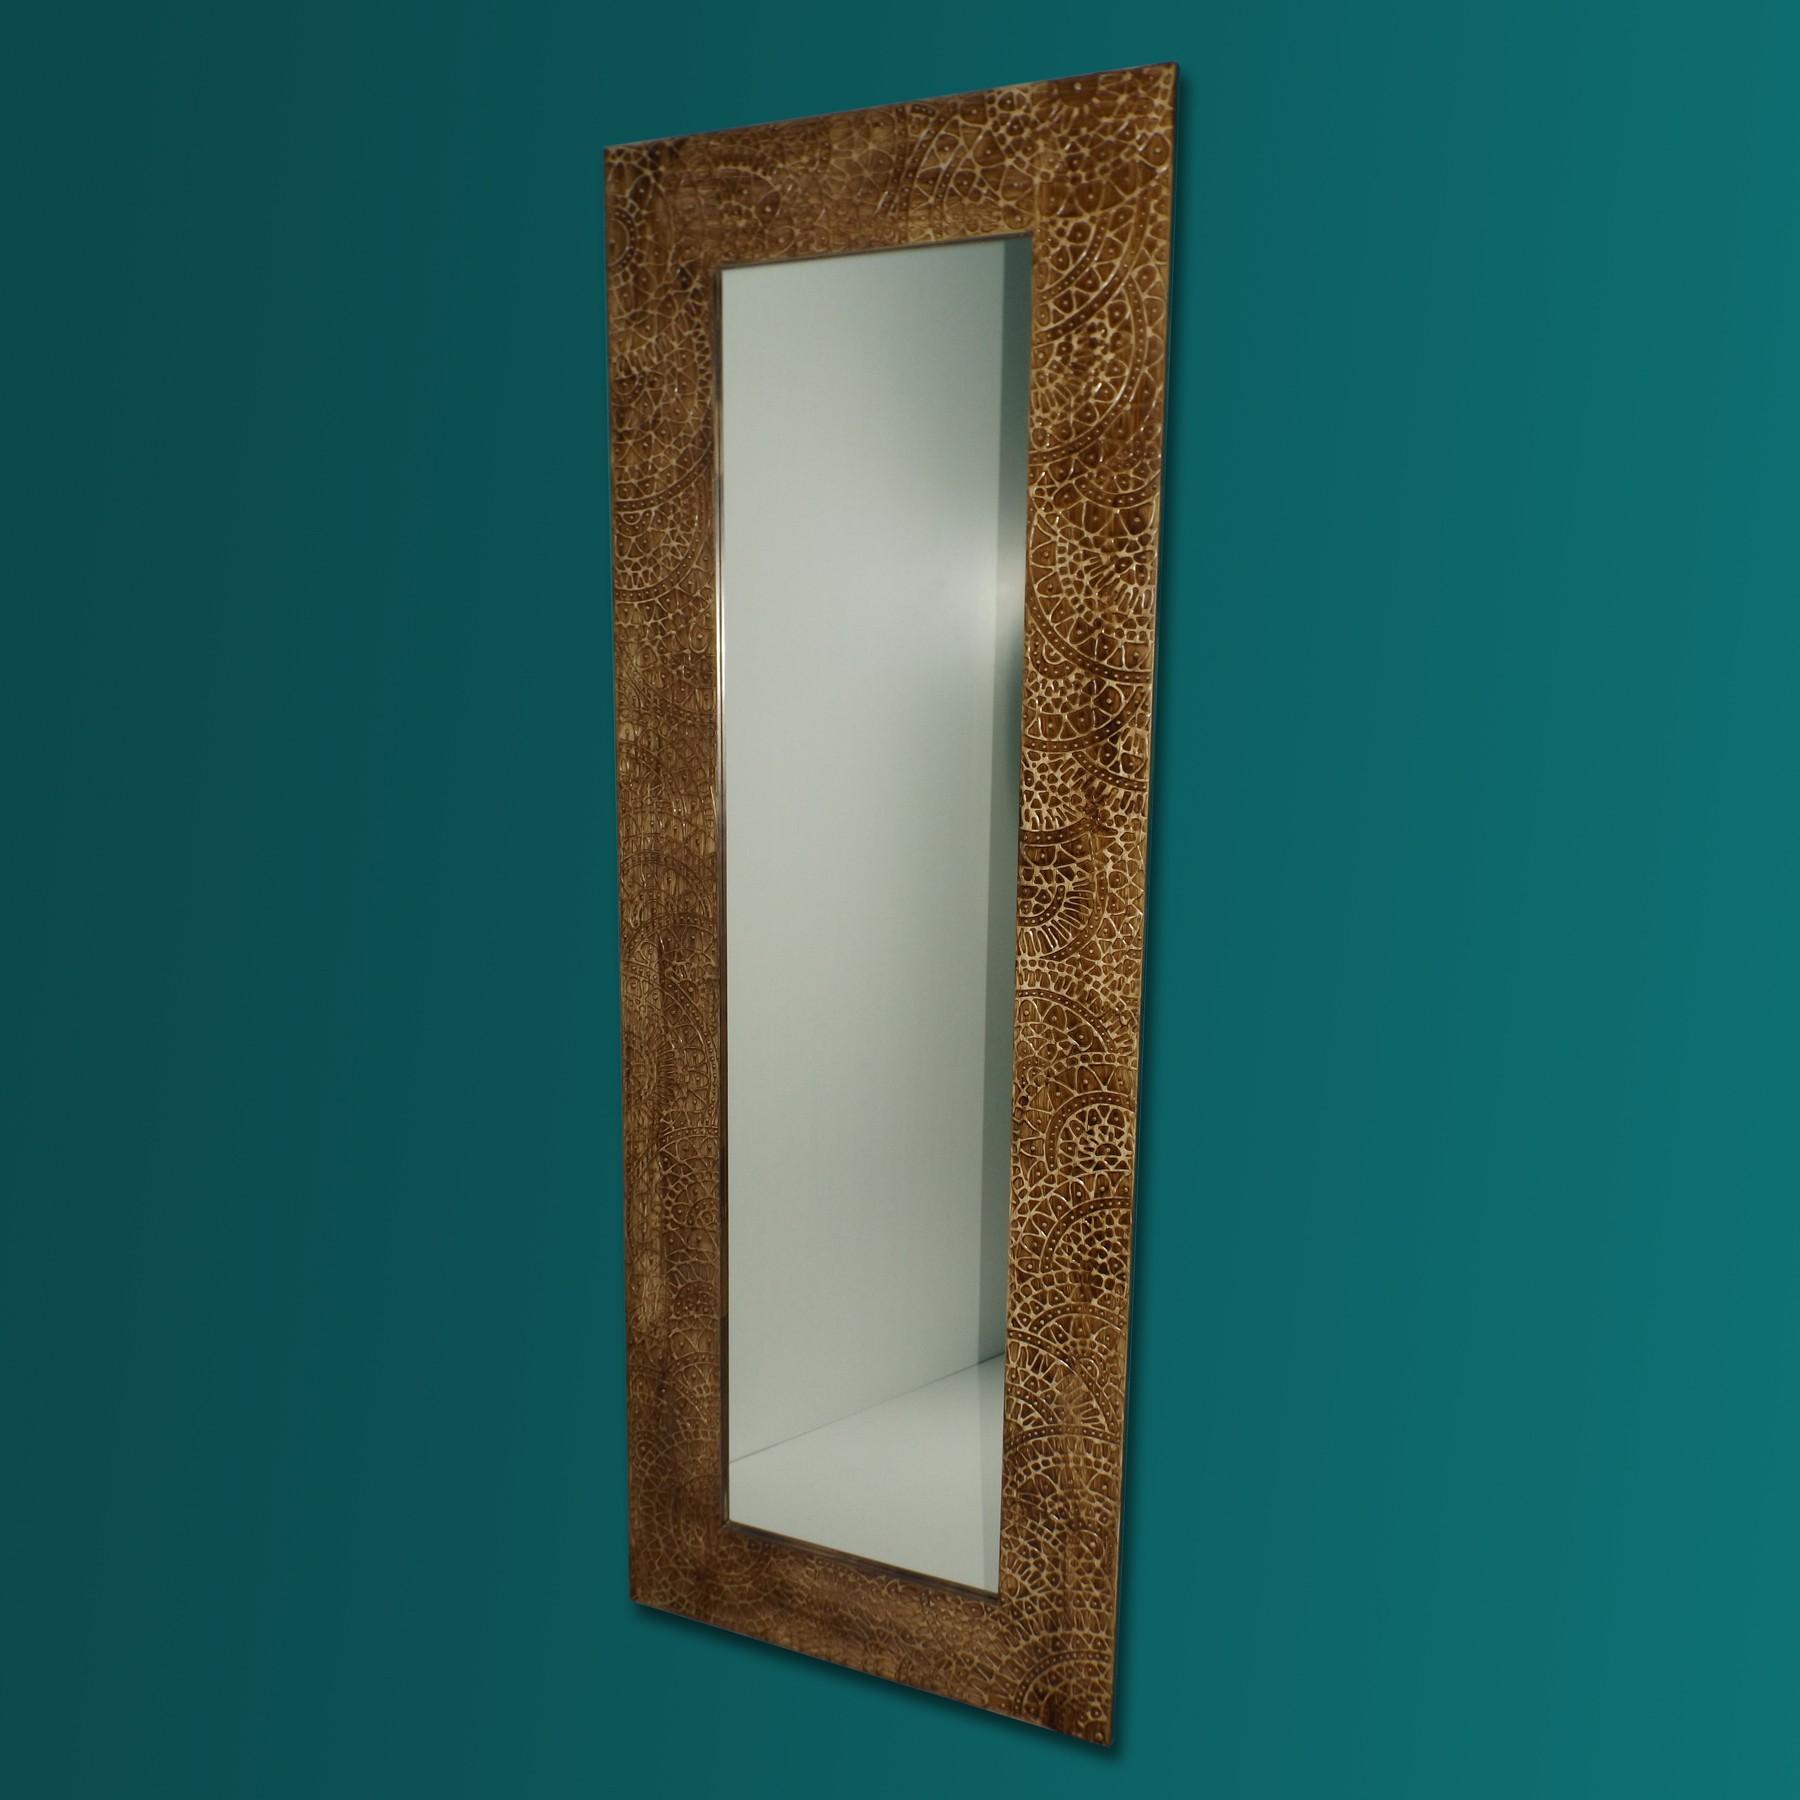 espejo artesanal de suelo hecho a mano modelo indo